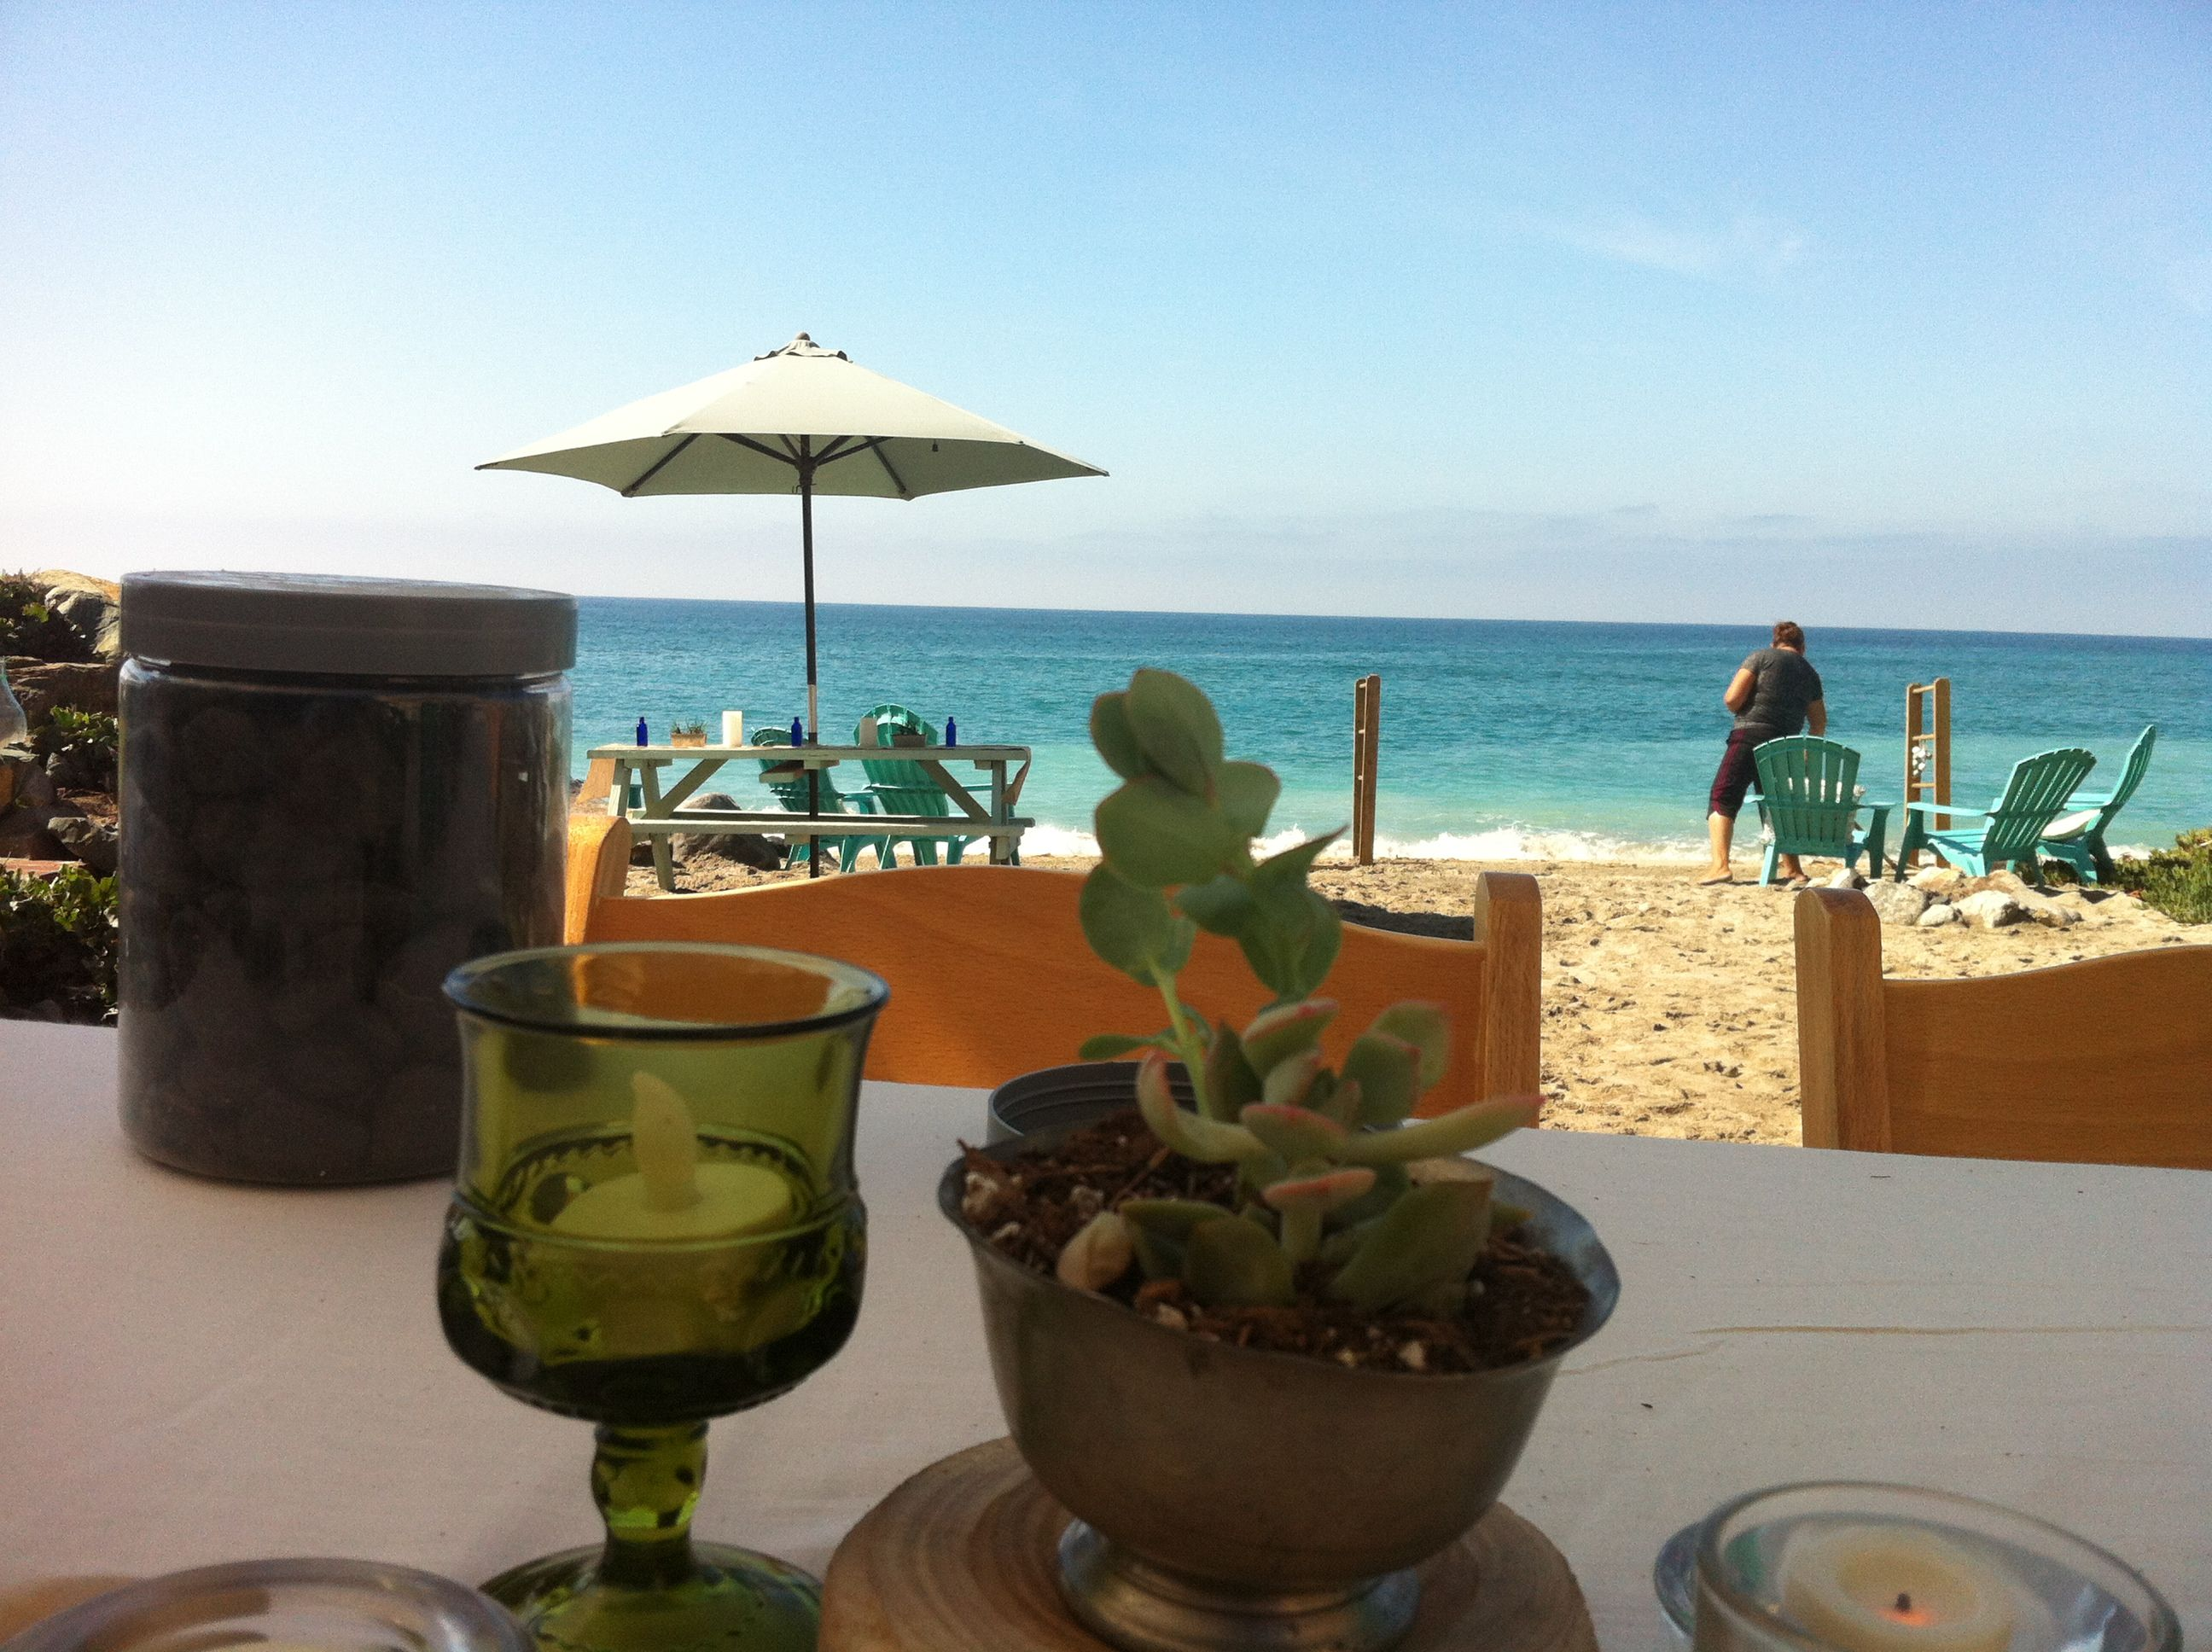 Beach wedding venue, San diego beach wedding, Oceanside